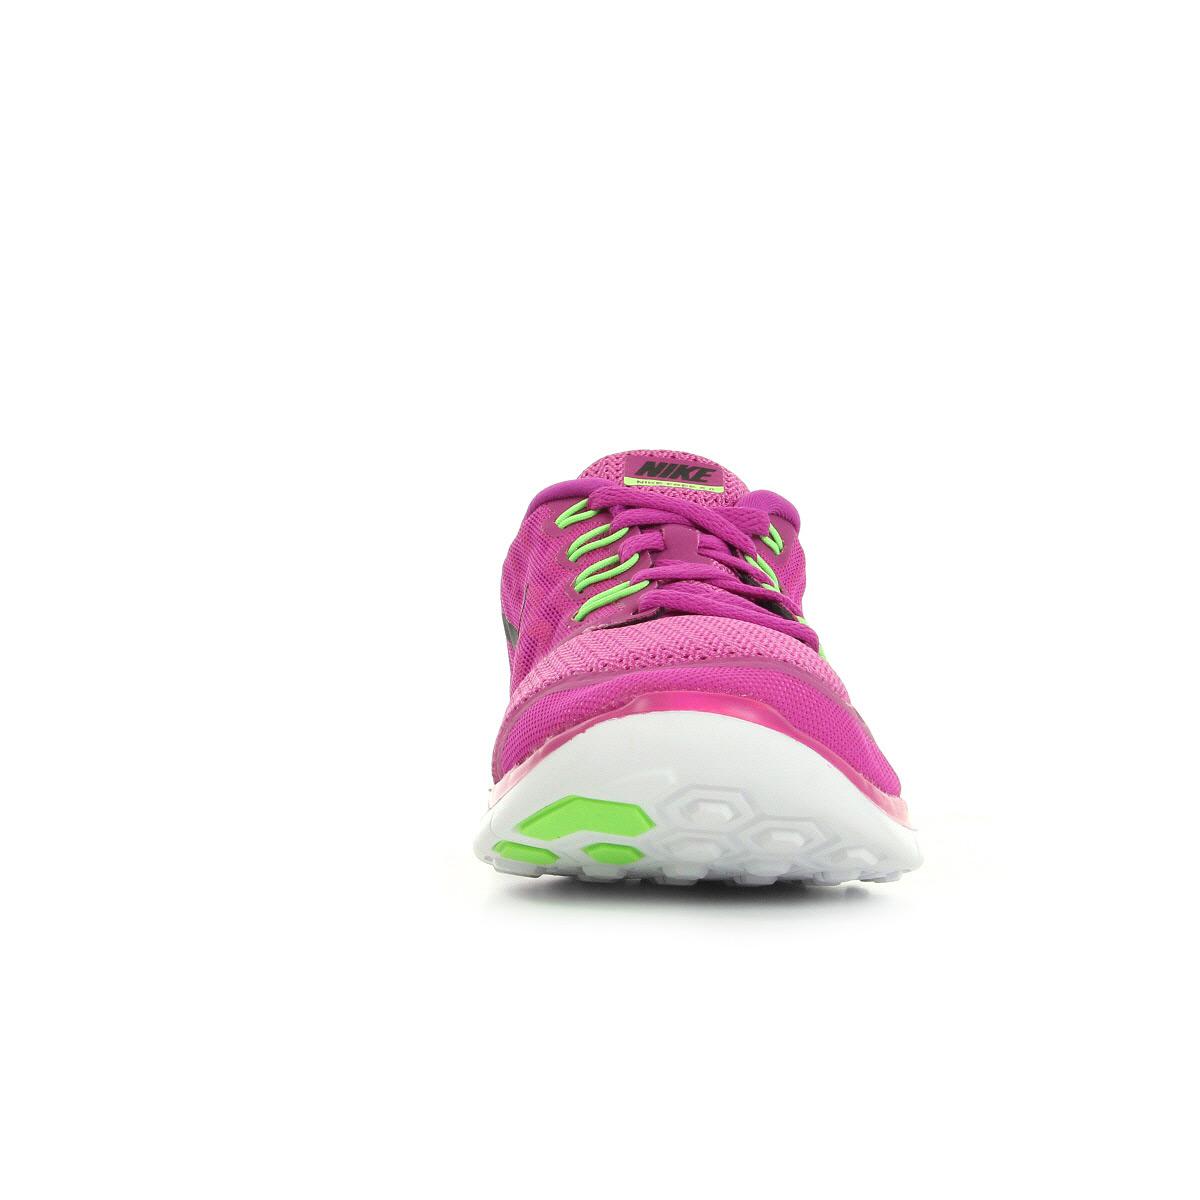 Nike WMNS NIKE FREE 5.0 724383501, Baskets mode femme